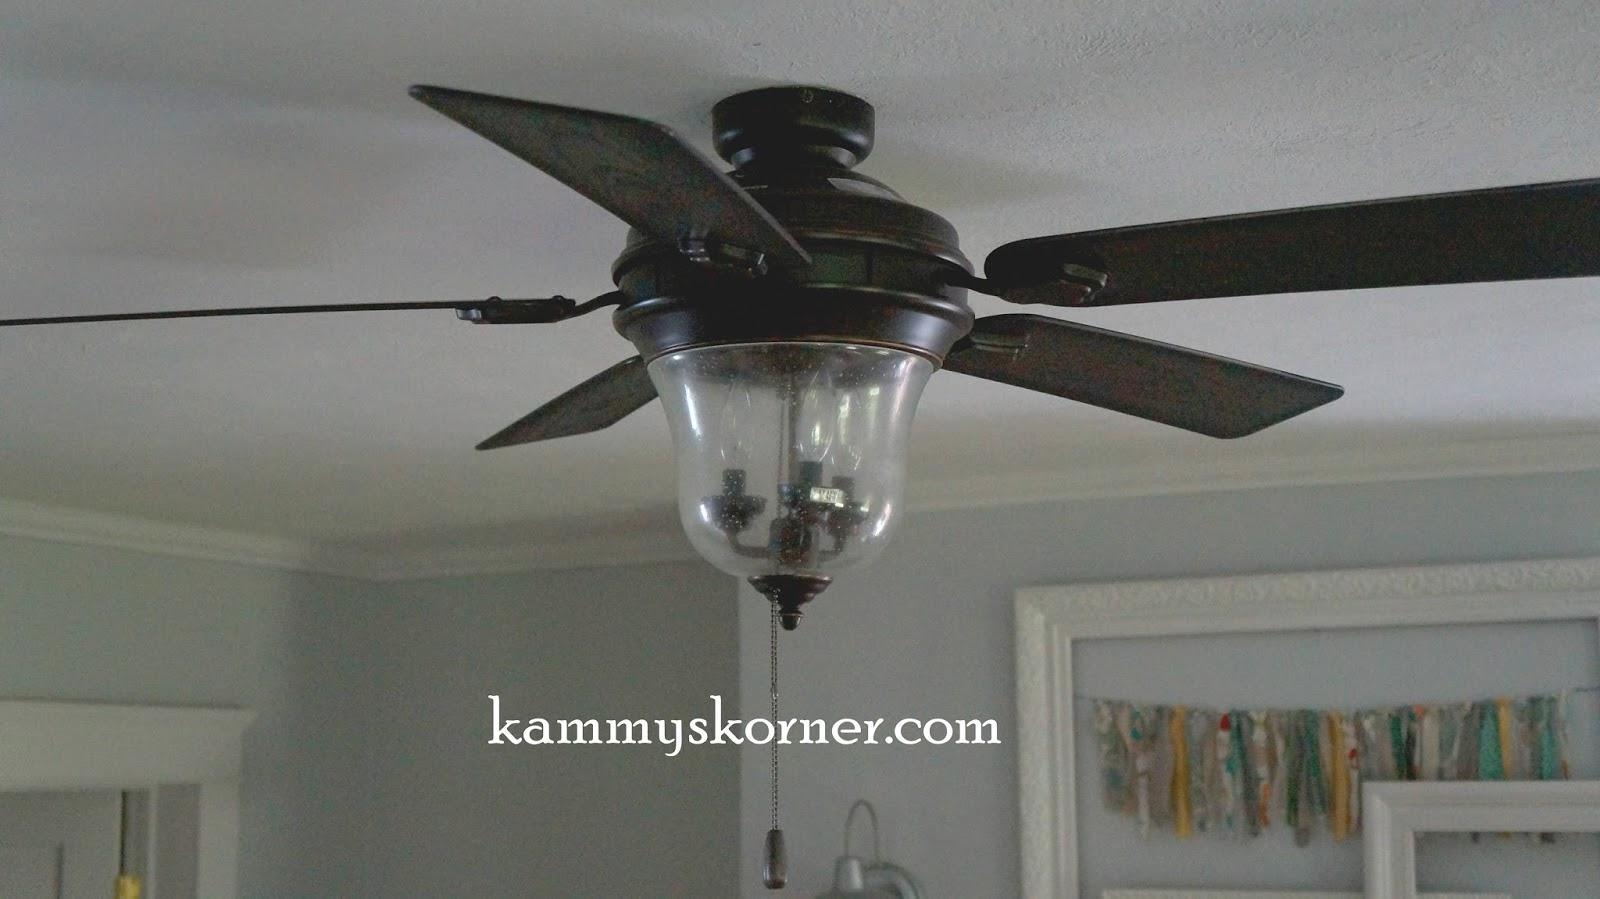 Kammy s Korner Ceiling Fan Style From Dislike To Love